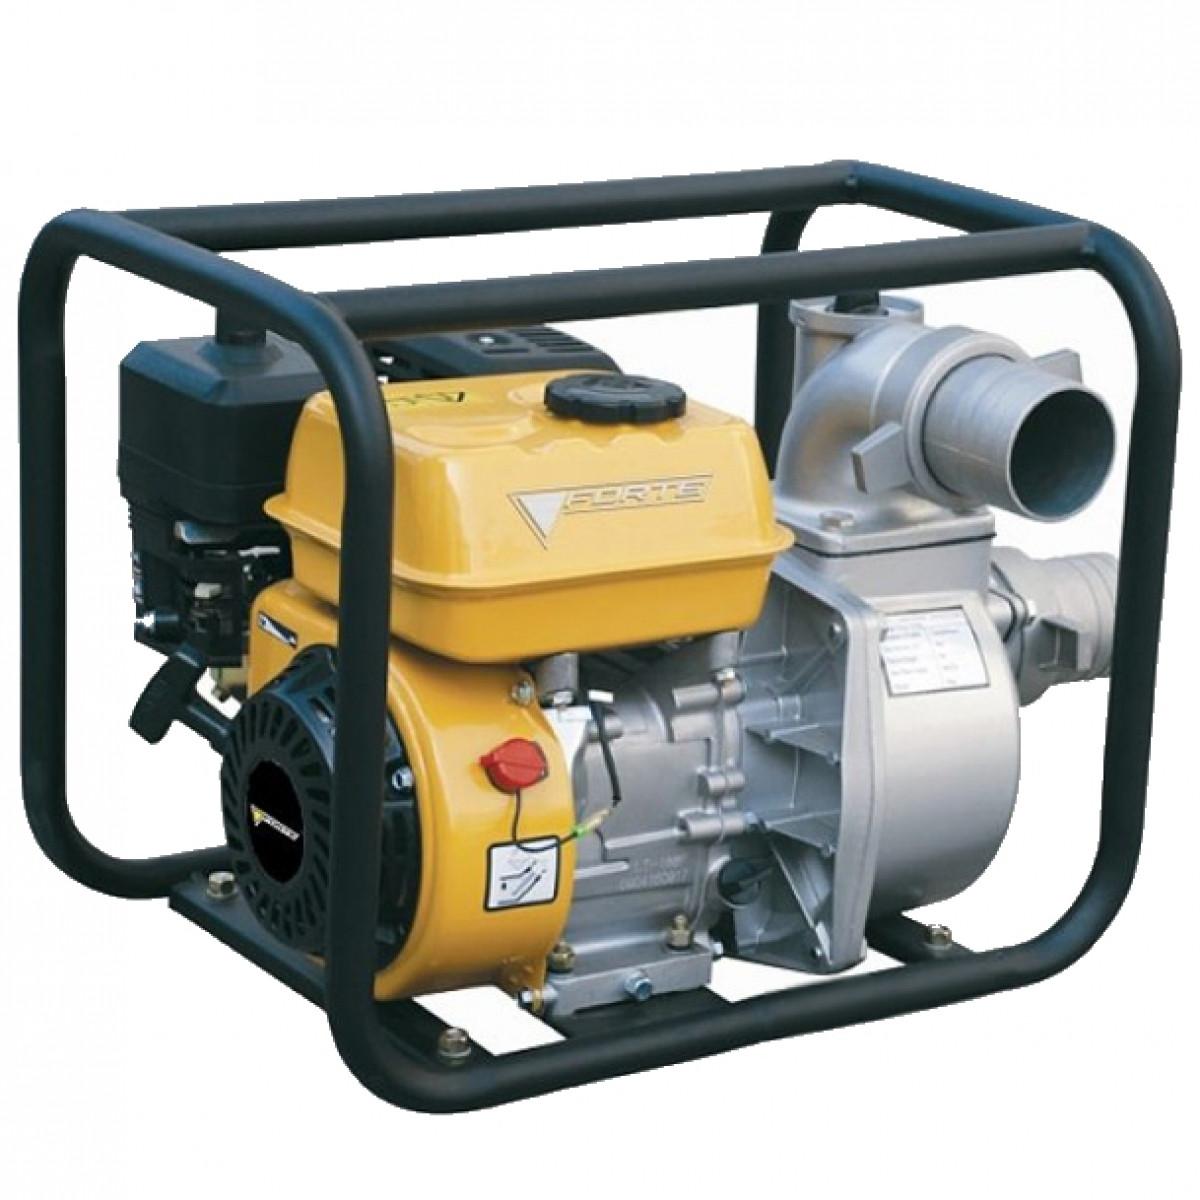 Мотопомпа бензинова Forte FP30C для чистої води 4.7 кВт